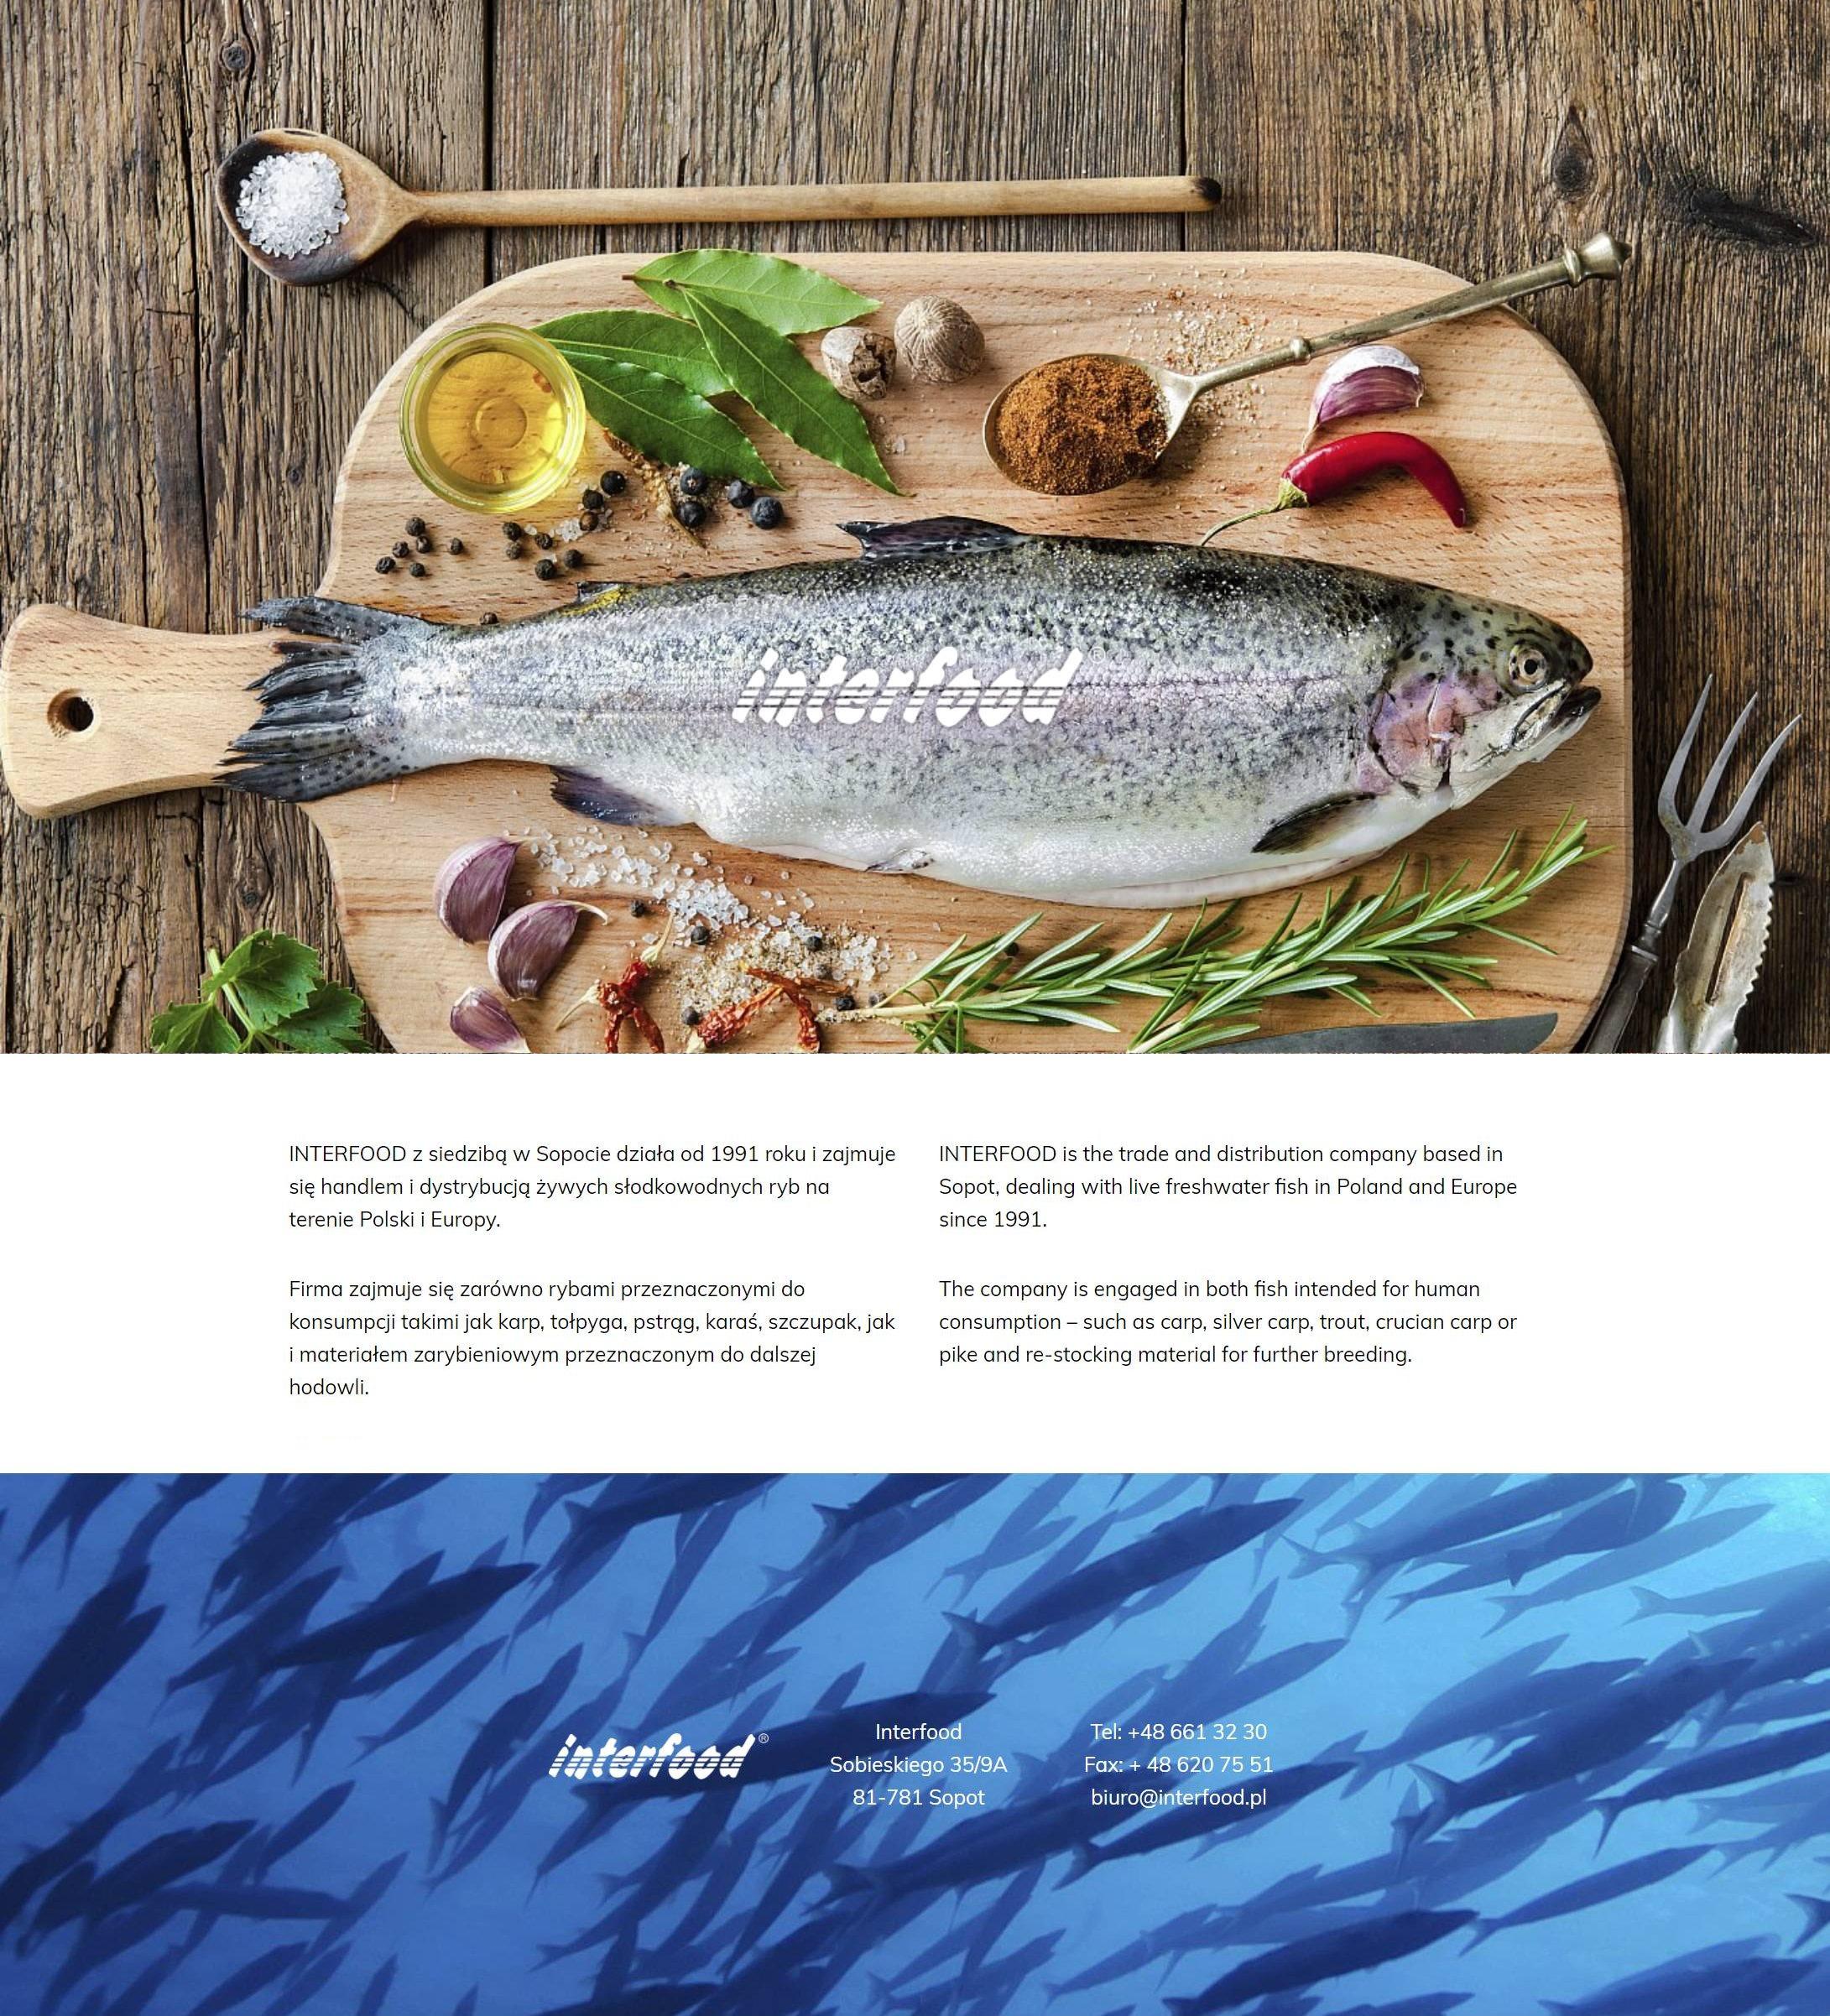 projektowanie-budowa-stron-internetowych-wordpress-responsywne-strony-www_firma-handlowa